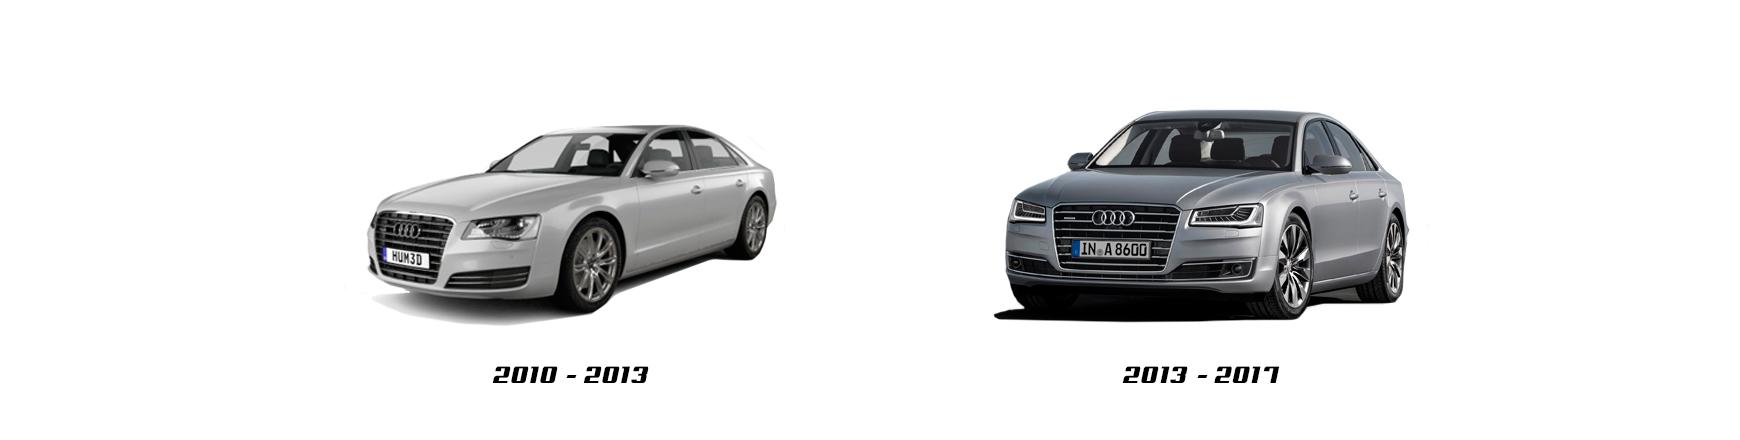 Audi A8 de 2010 a 2012 Repuestos de calidad al mejor precio.